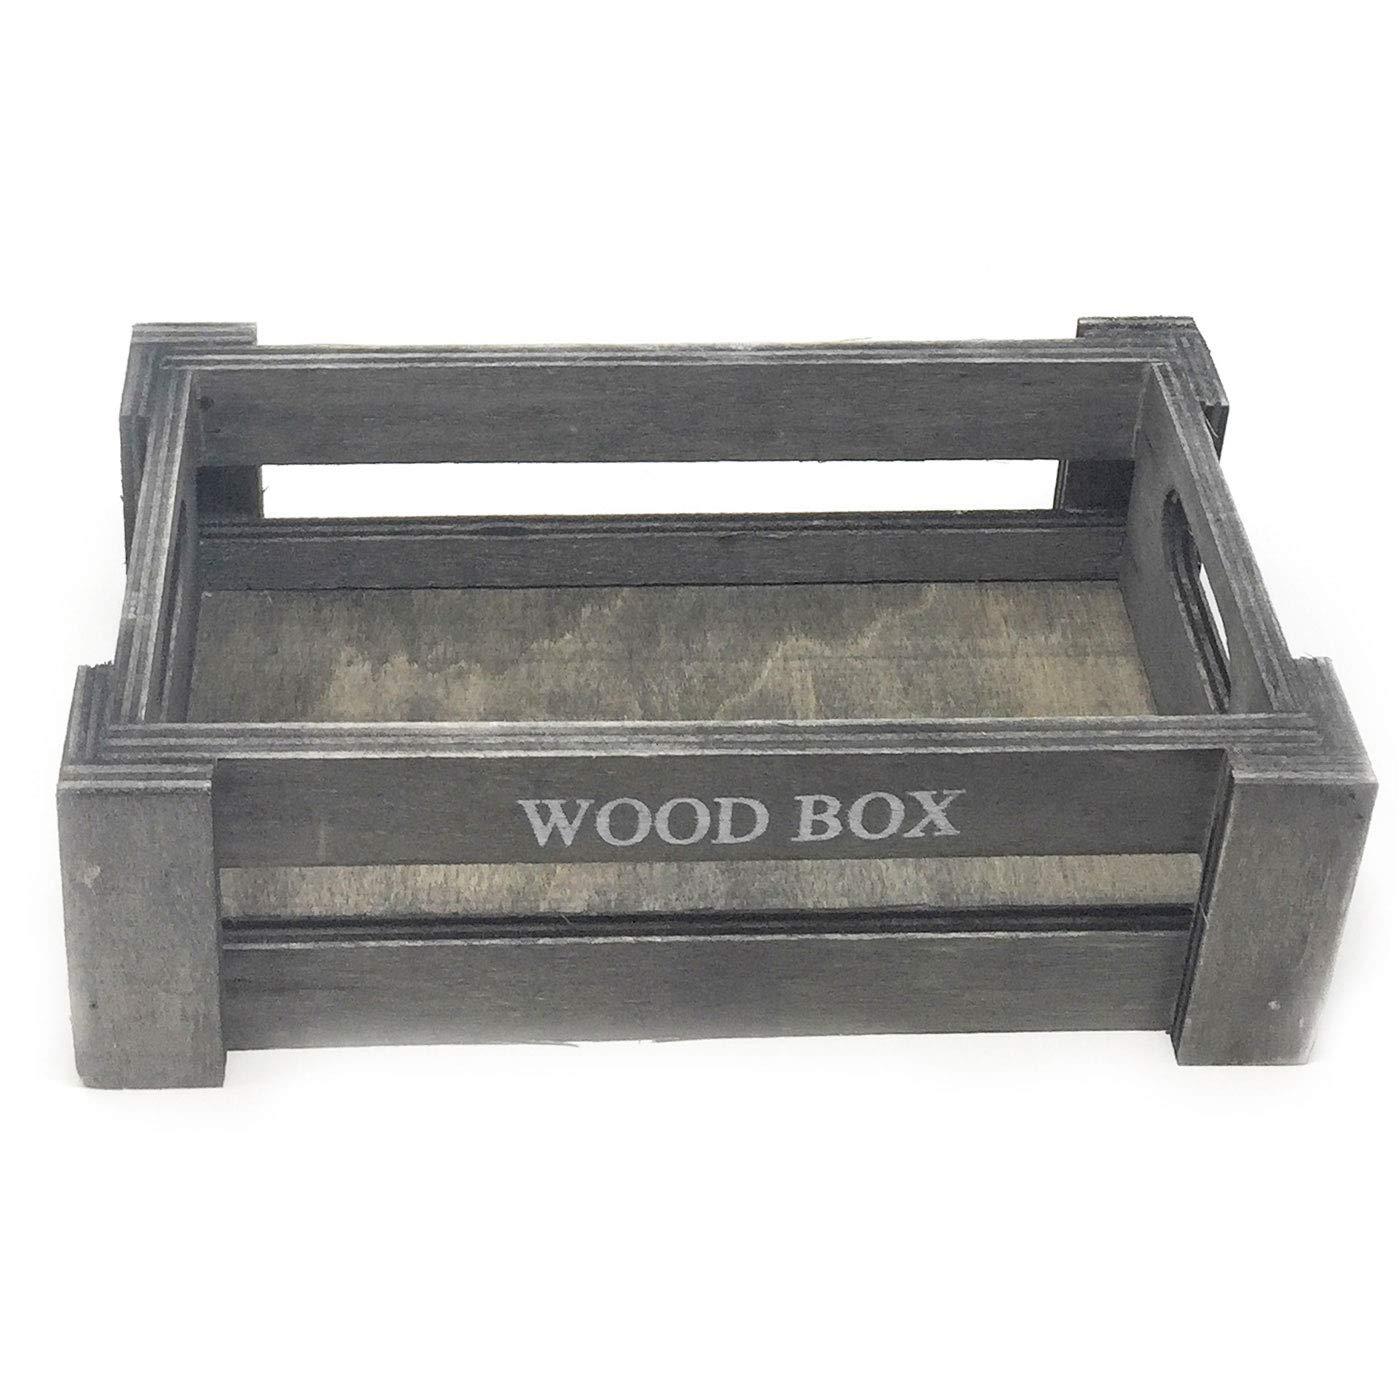 Caja de madera Vintage color gris oscuro 7 x 22 x 12. cm: Amazon.es: Hogar